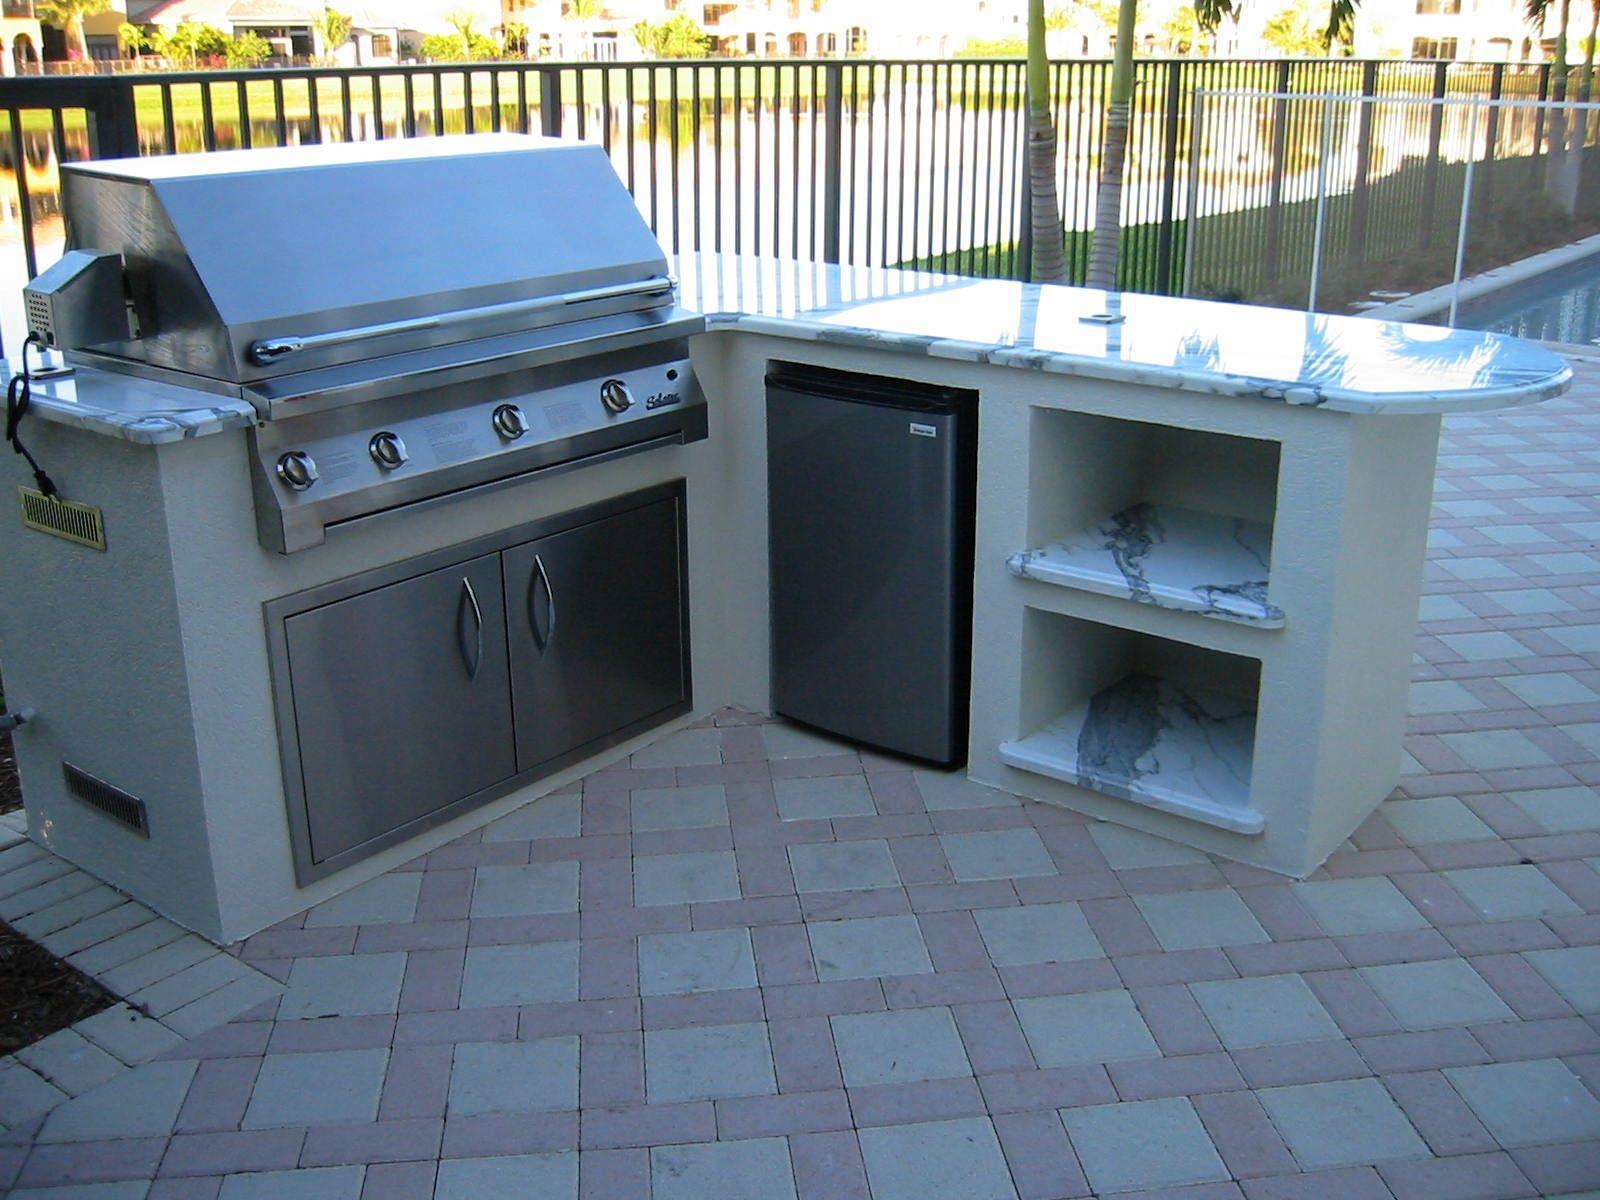 Grill Repair Parts, Bbq Grills, Outdoor Kitchens, Lynx, Alfresco, DCS